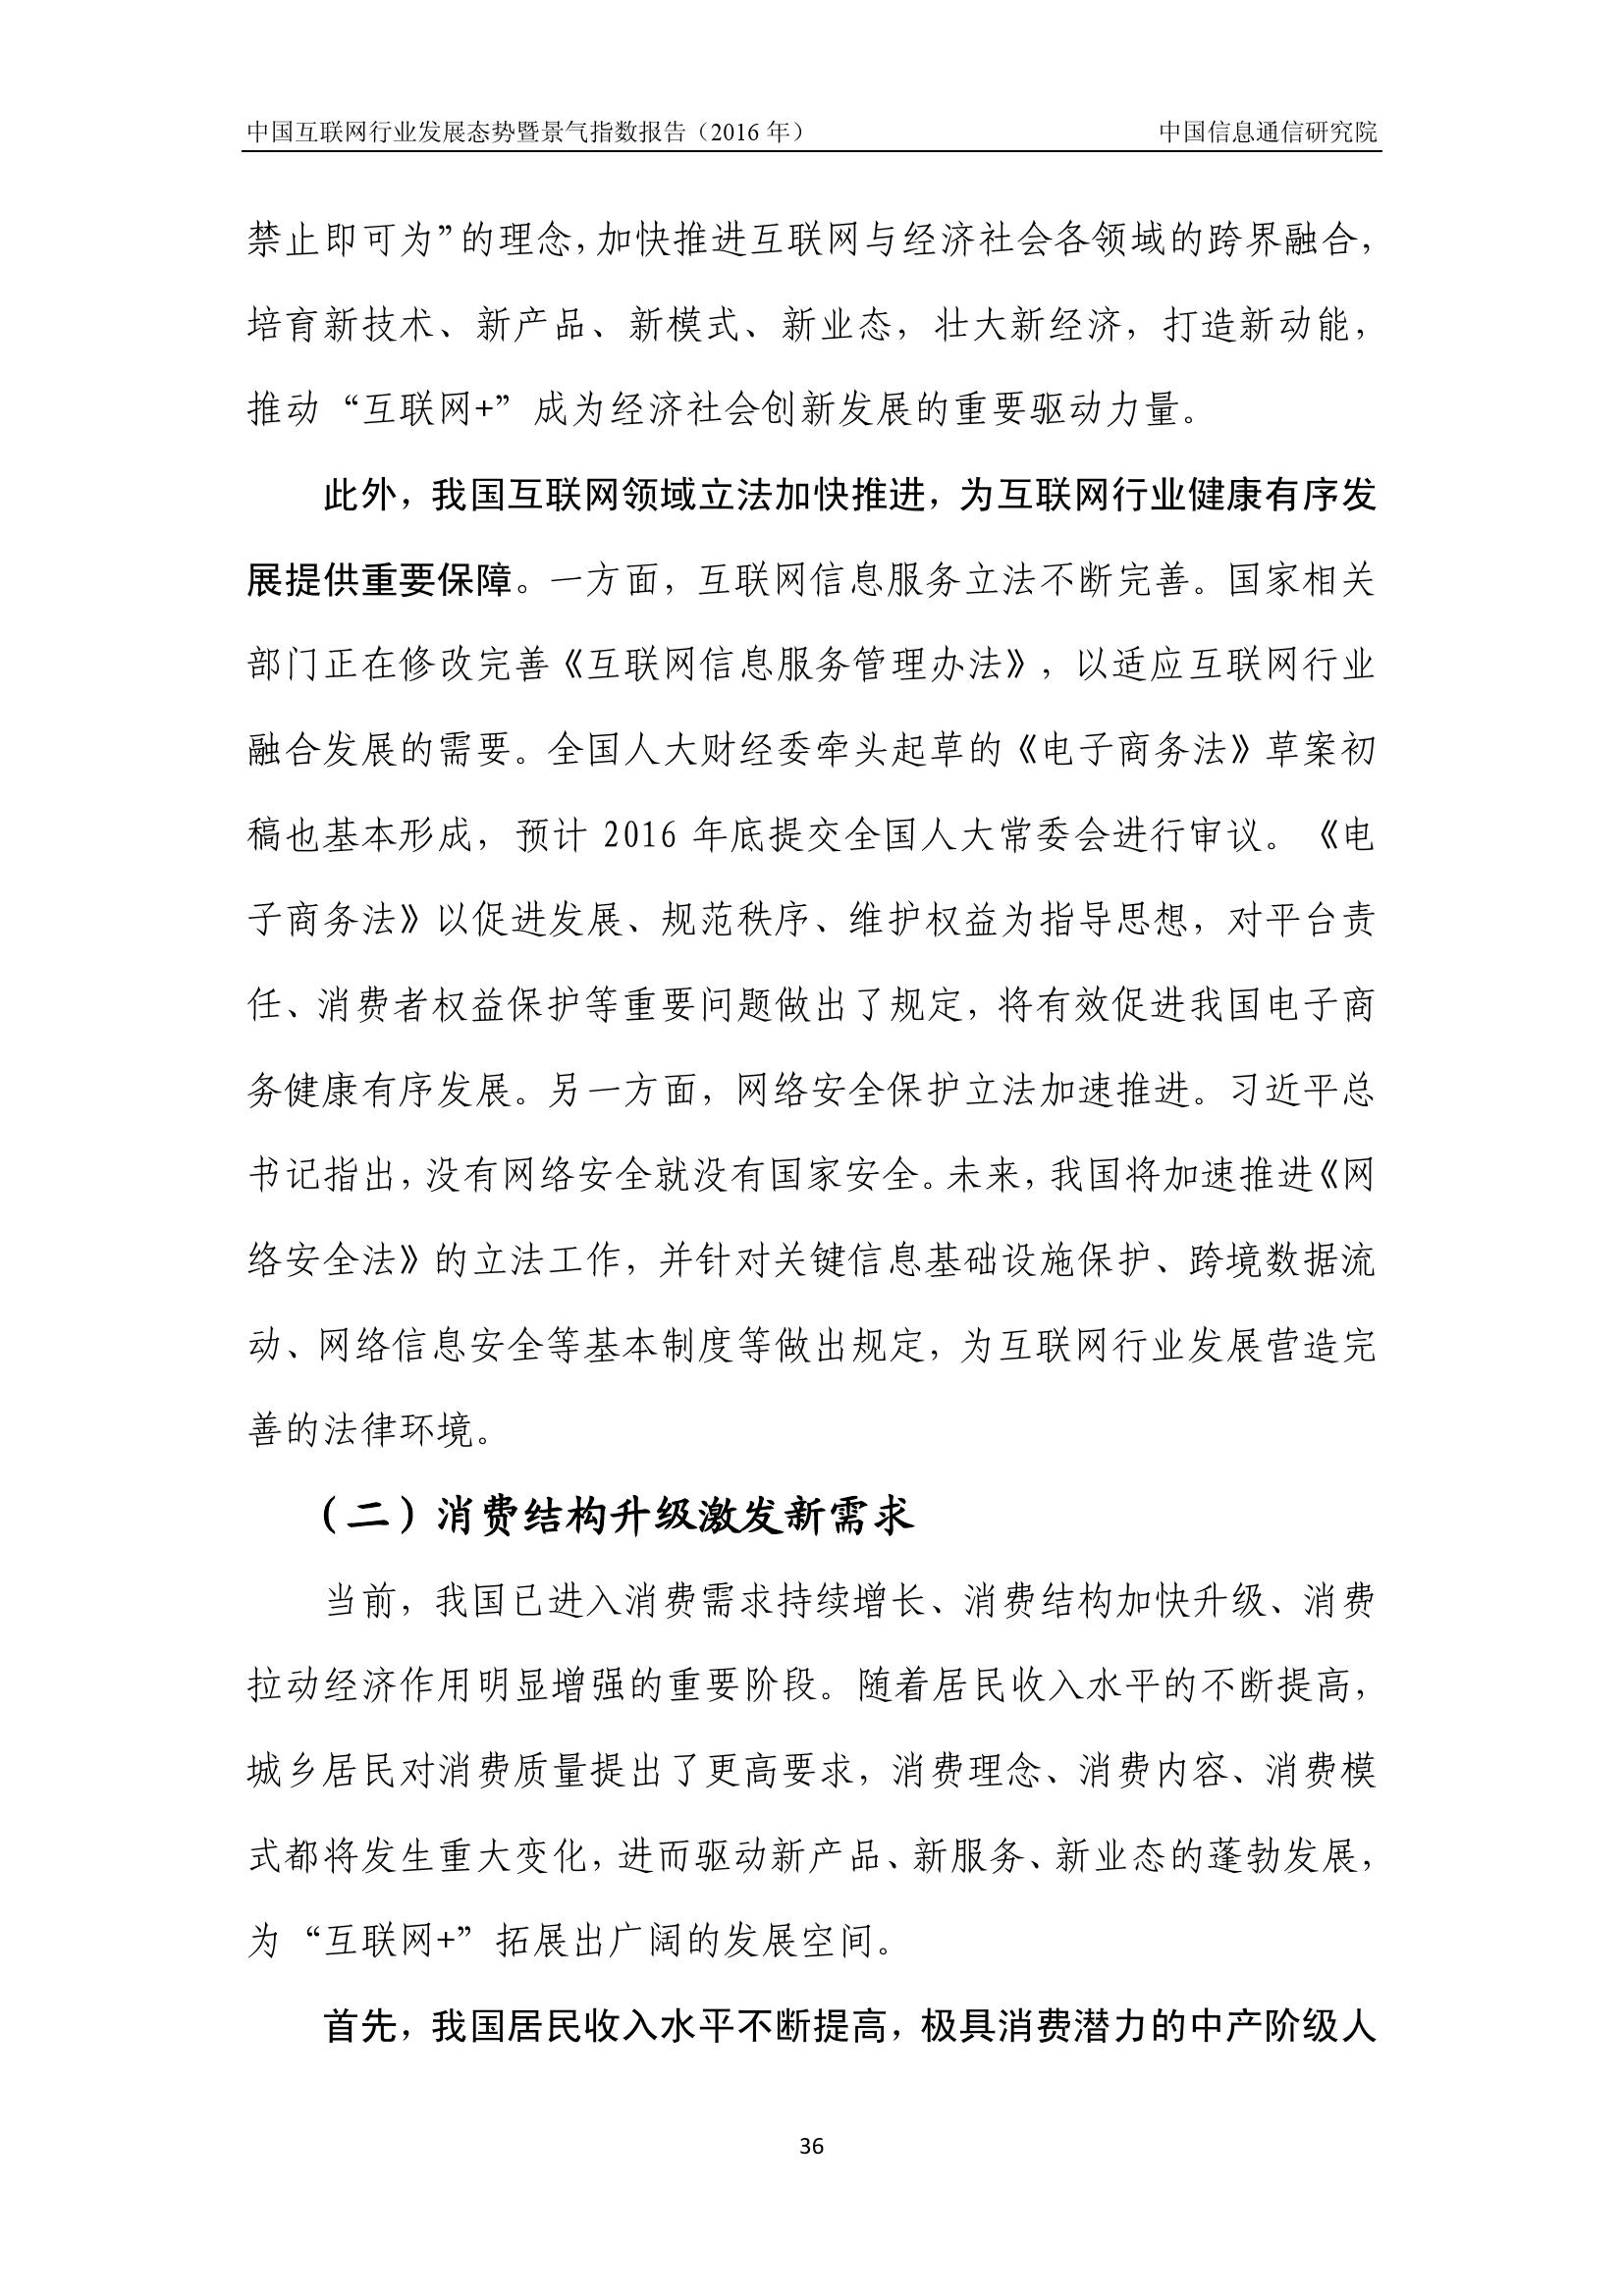 2016年中国互联网行业发展态势暨景气指数报告_000040